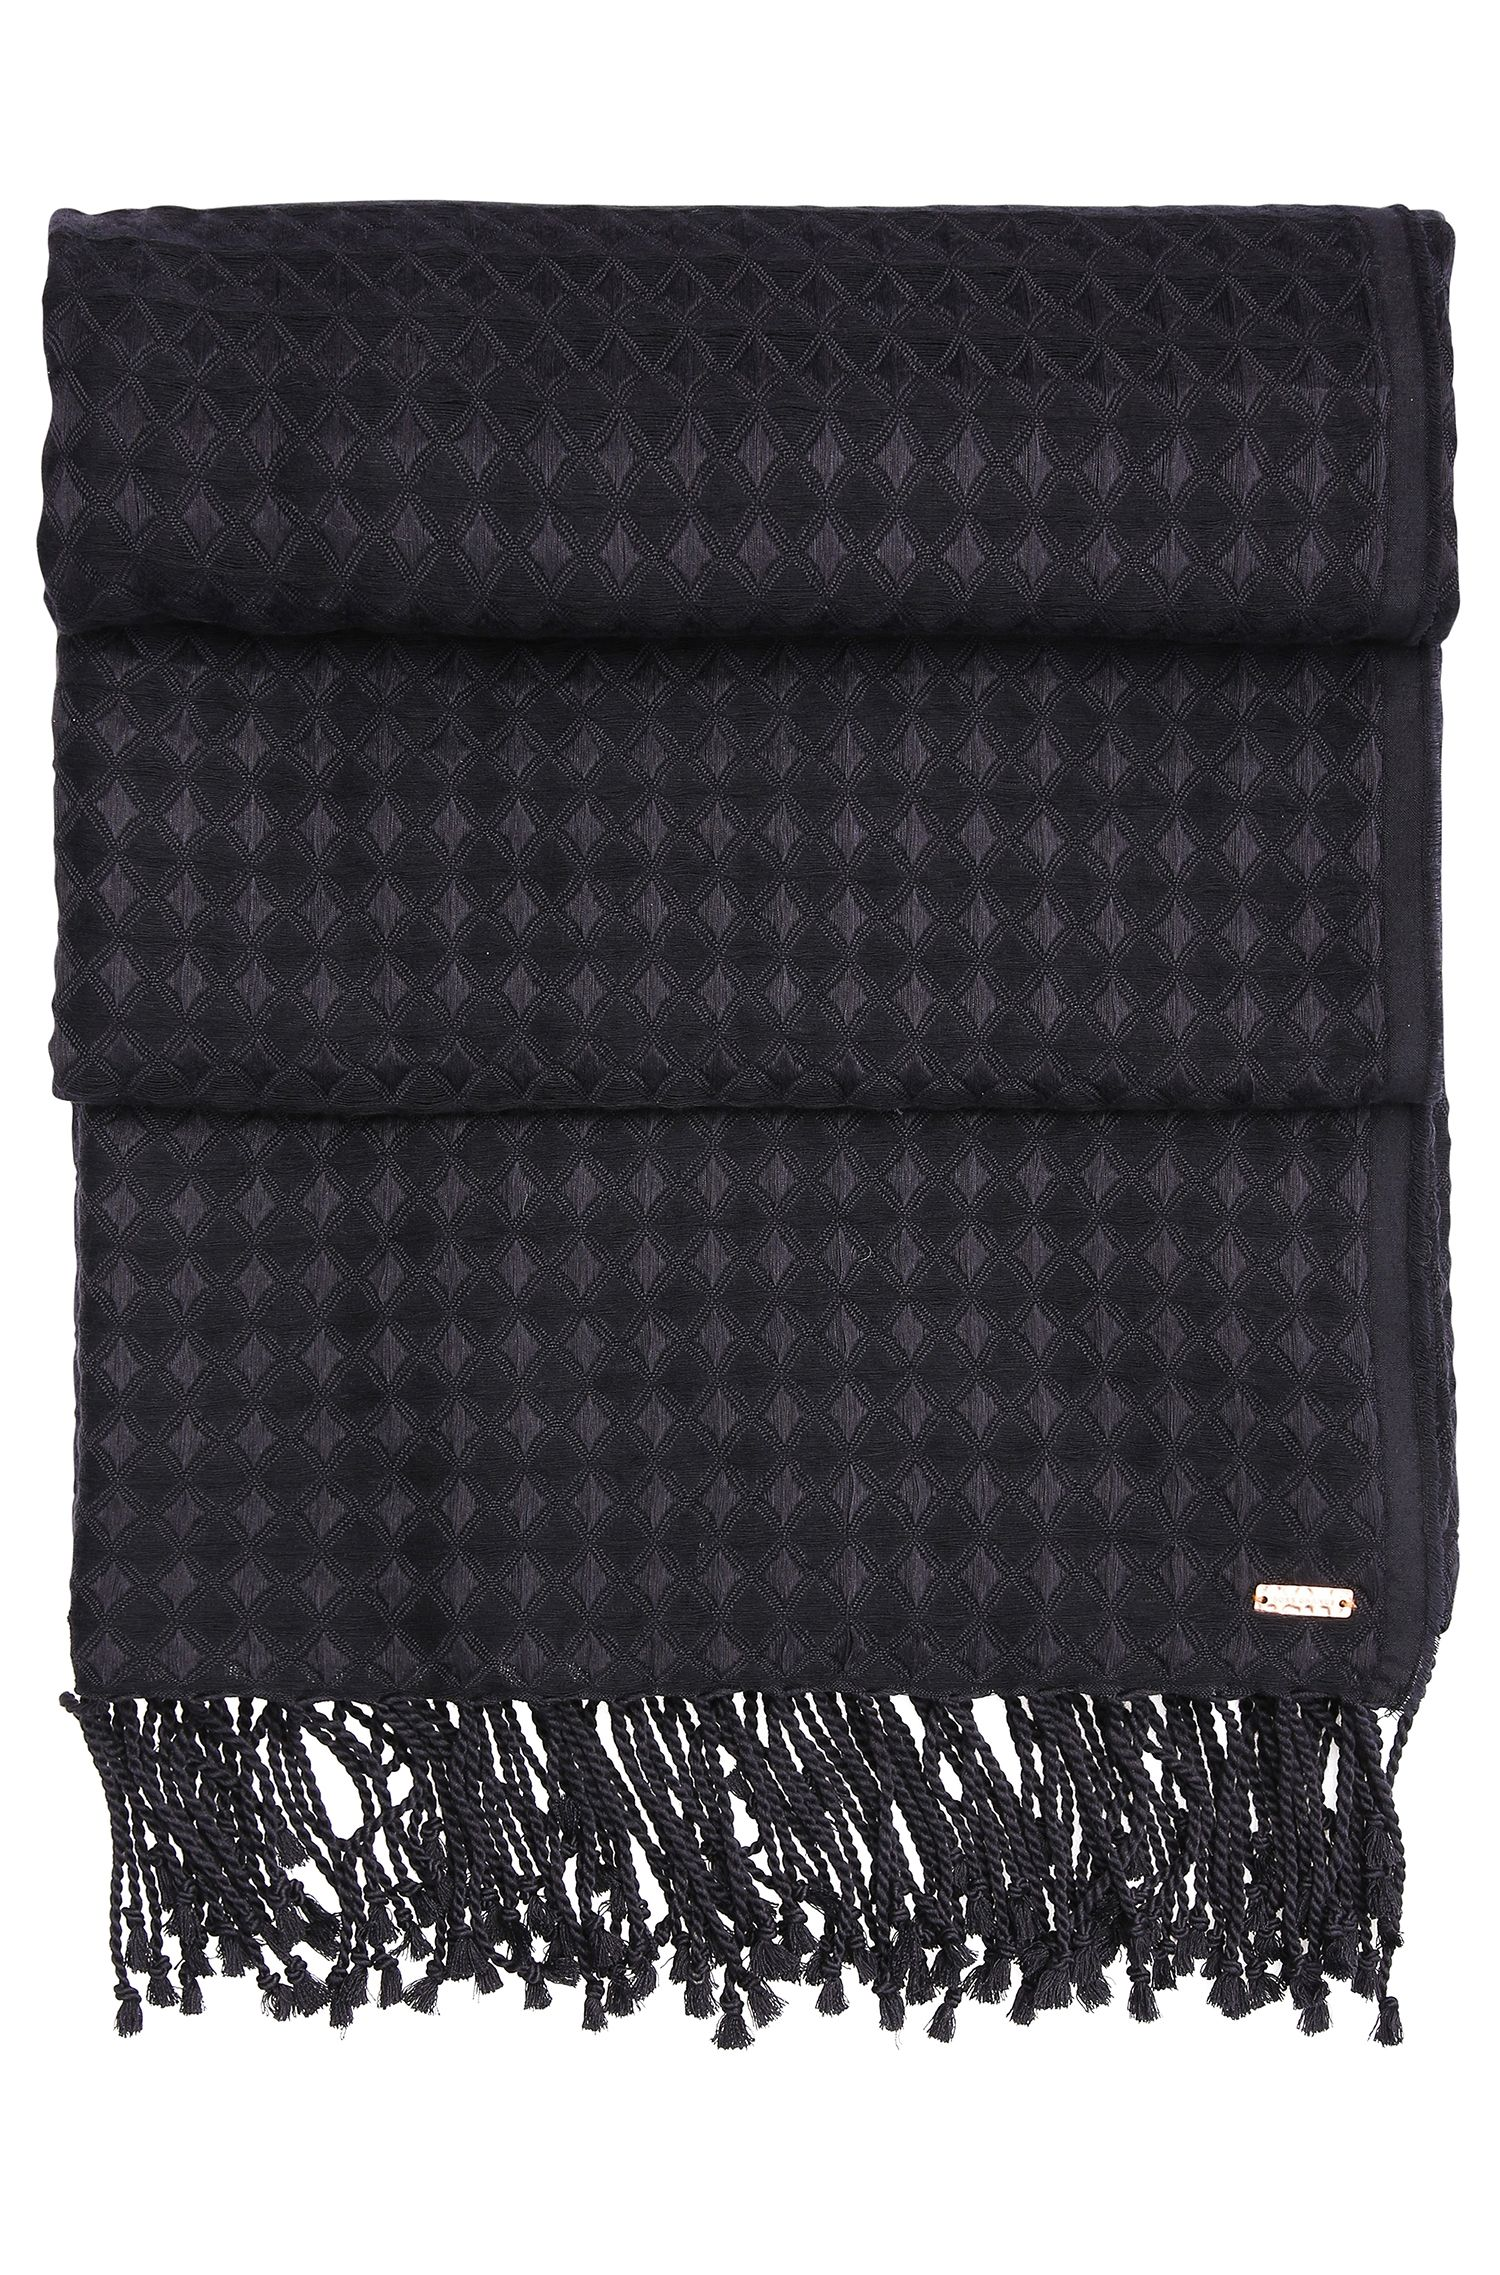 Sjaal in wafellook met lange franjes: 'Napulse'